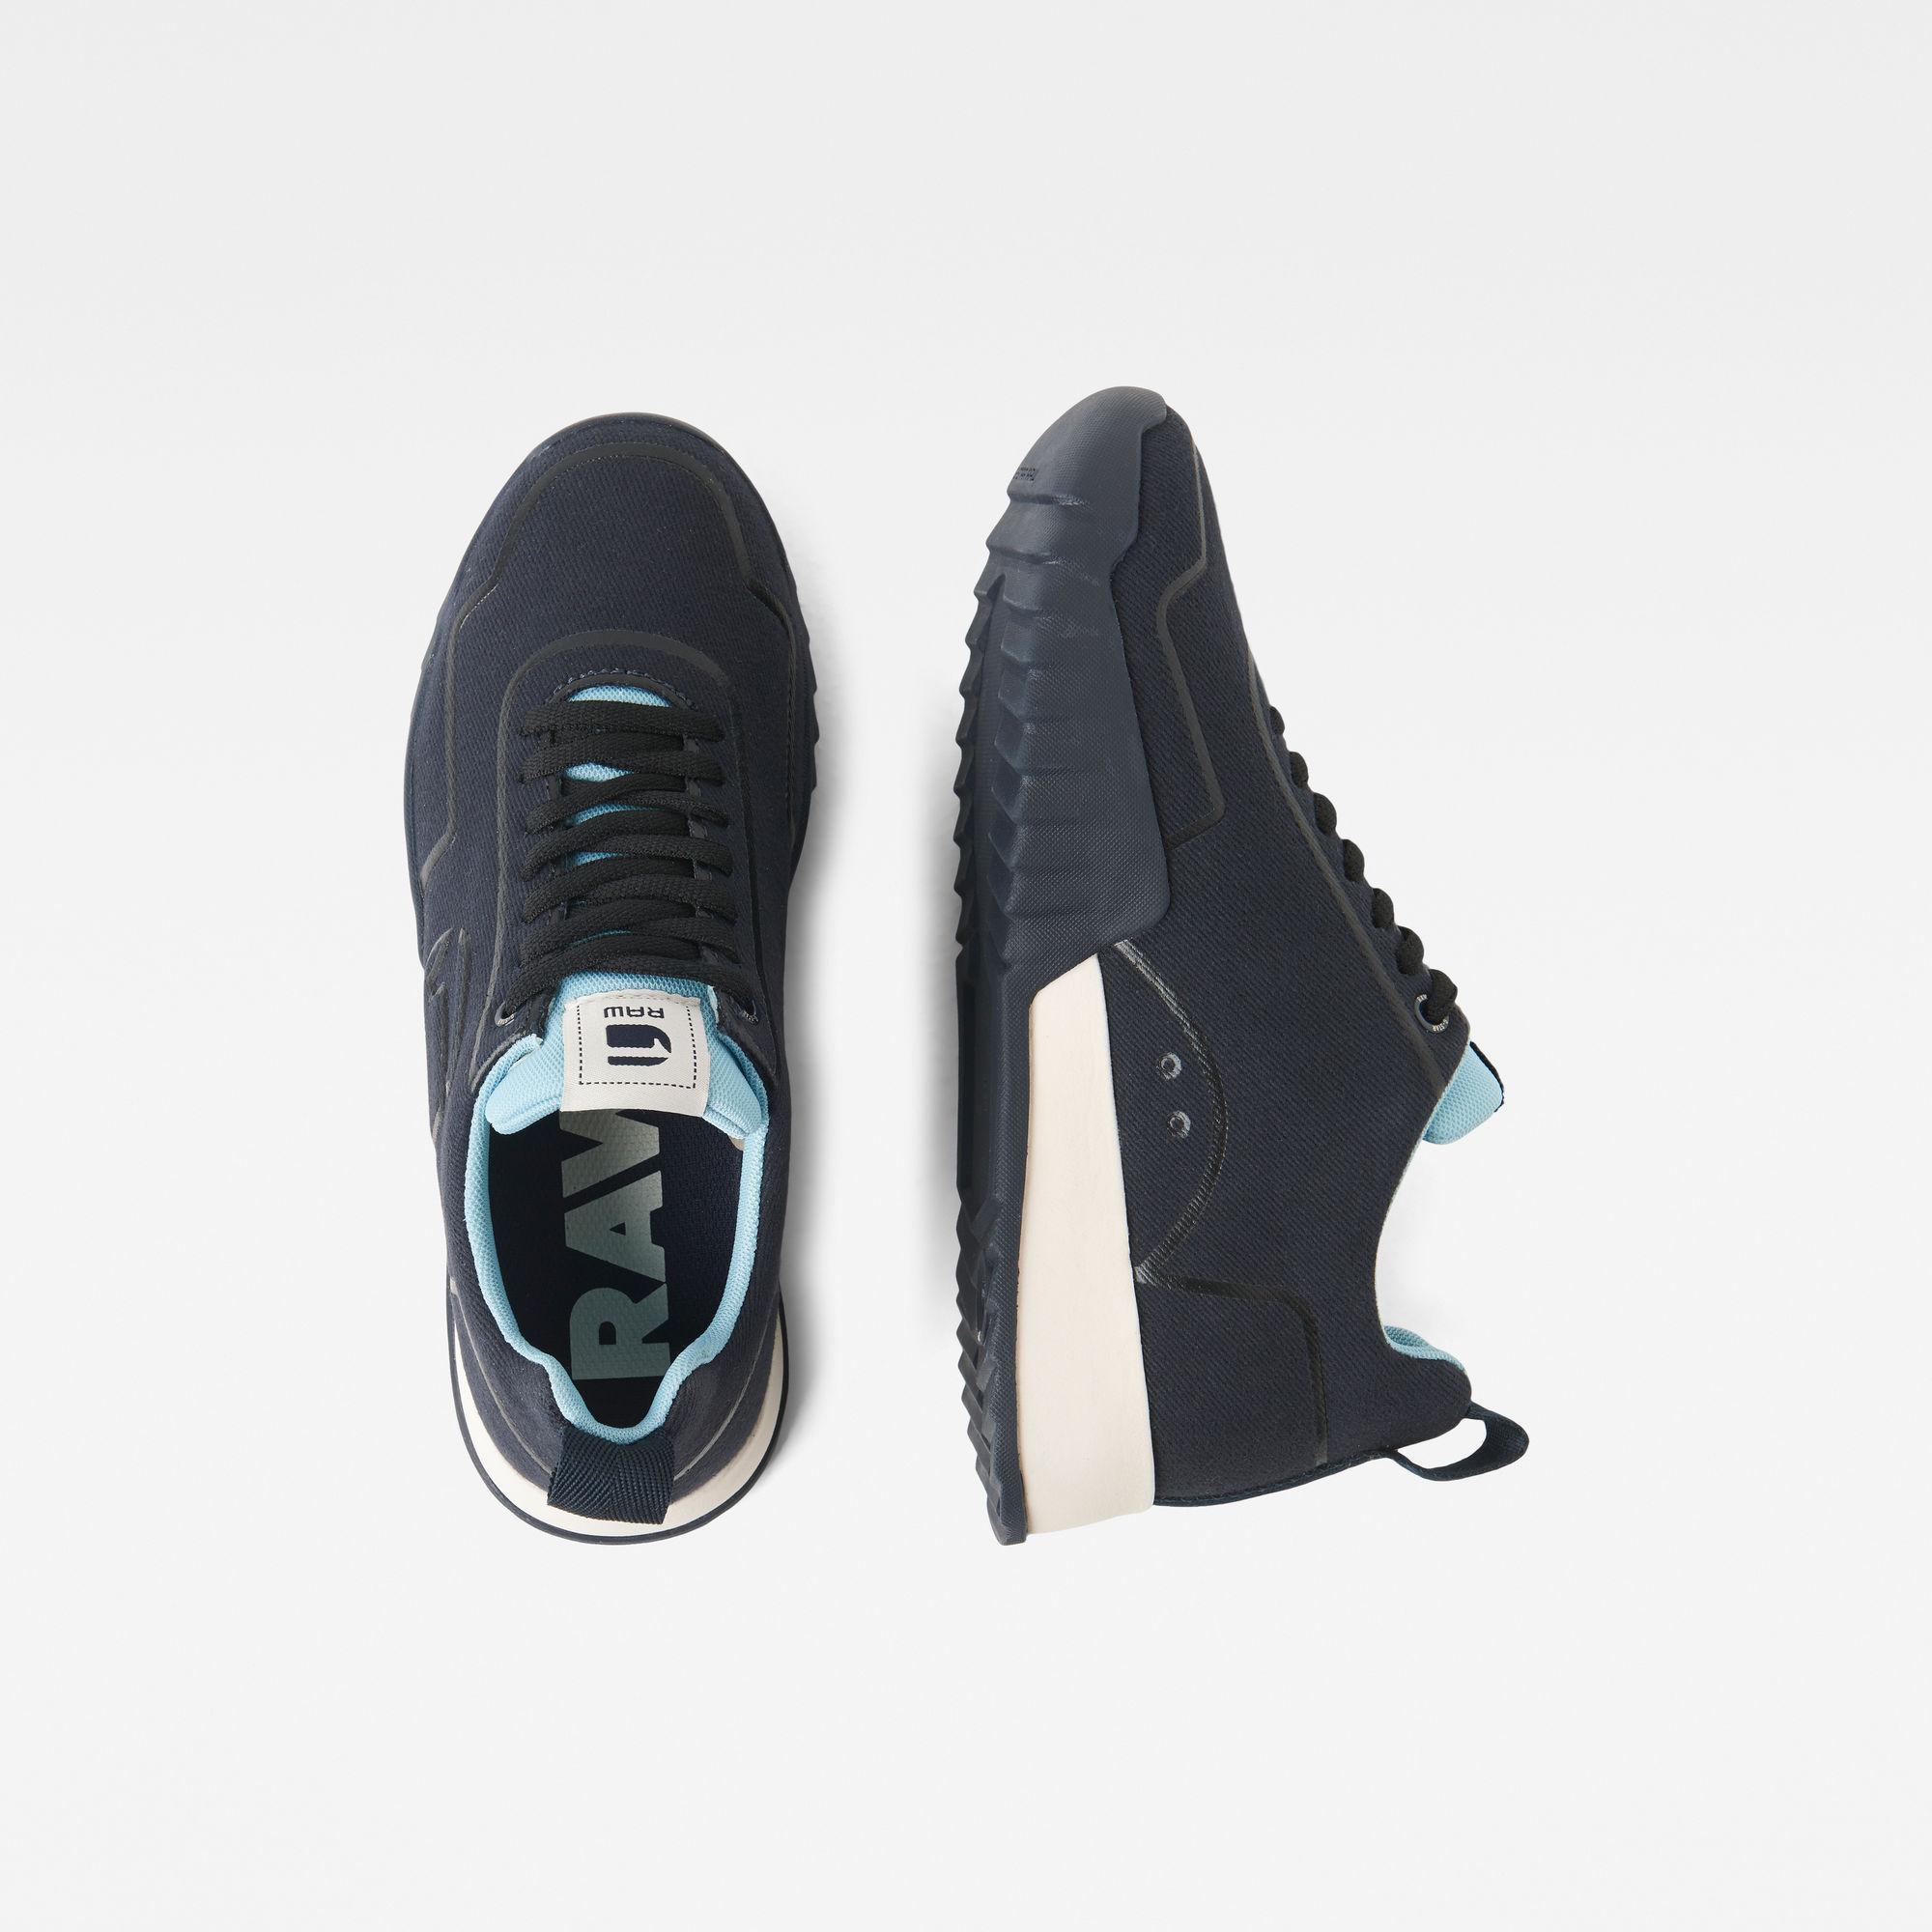 G-Star RAW Rackam Rovic Debossed Sneakers